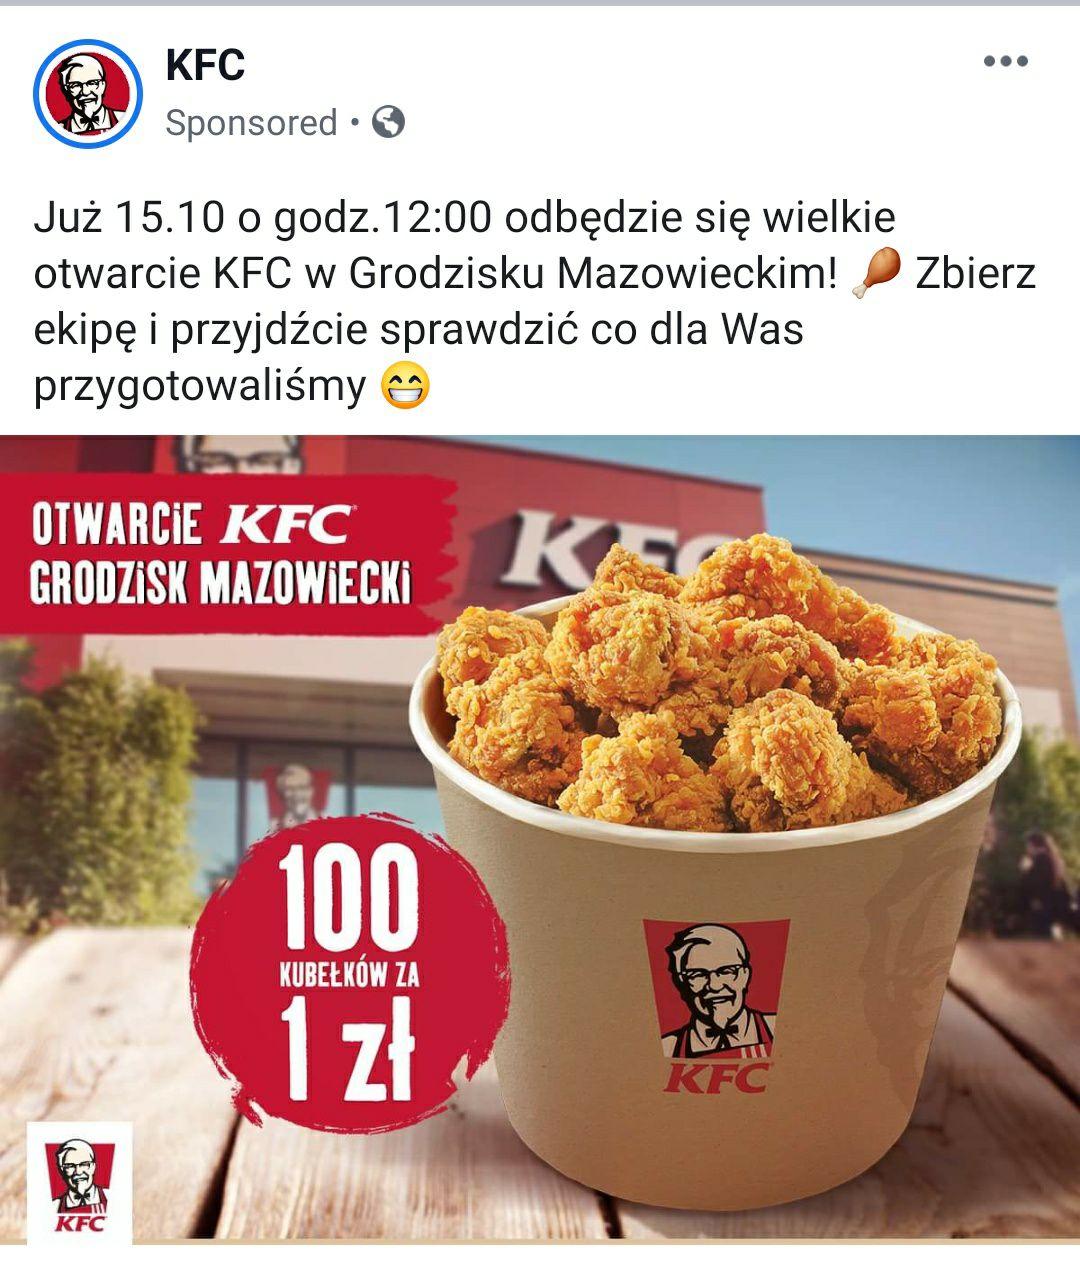 100 kubełków KFC za 1zł! GRODZISK MAZOWIECKI